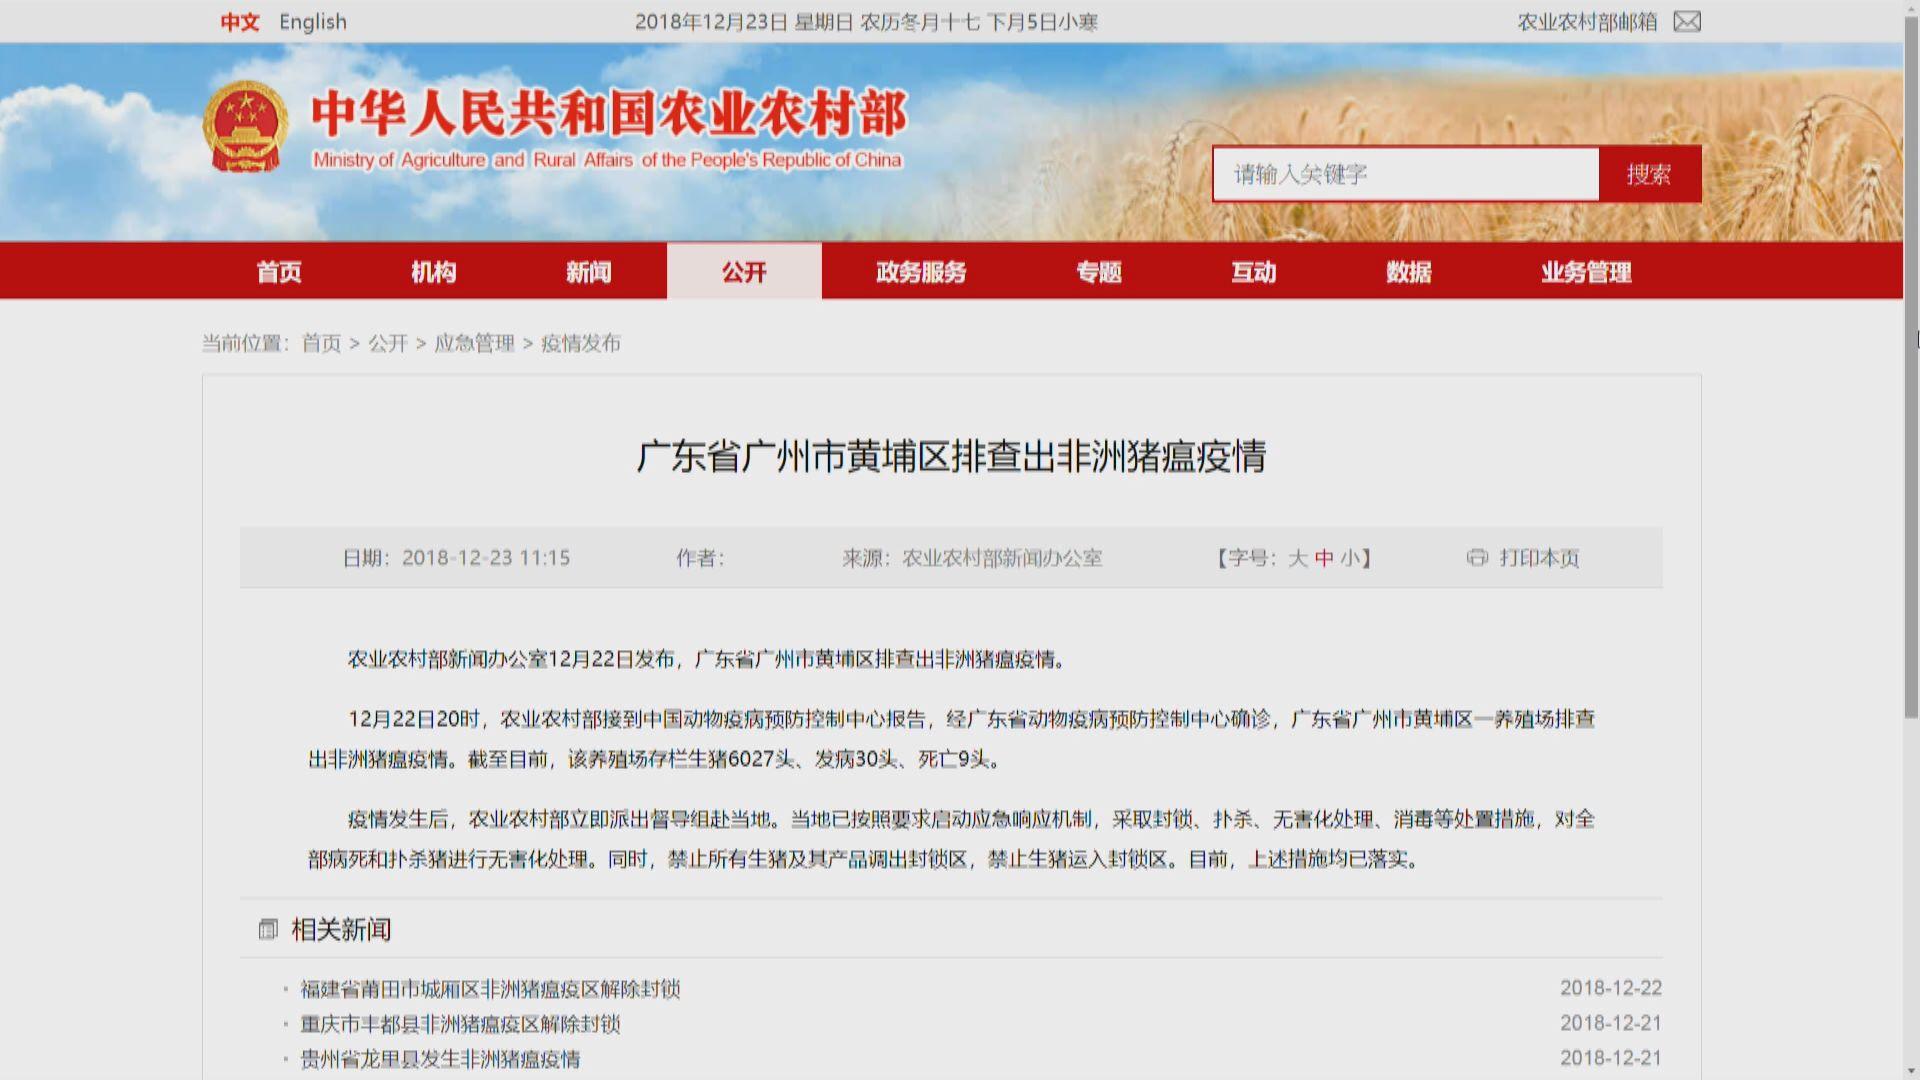 廣州市黃埔區確診非洲豬瘟疫情